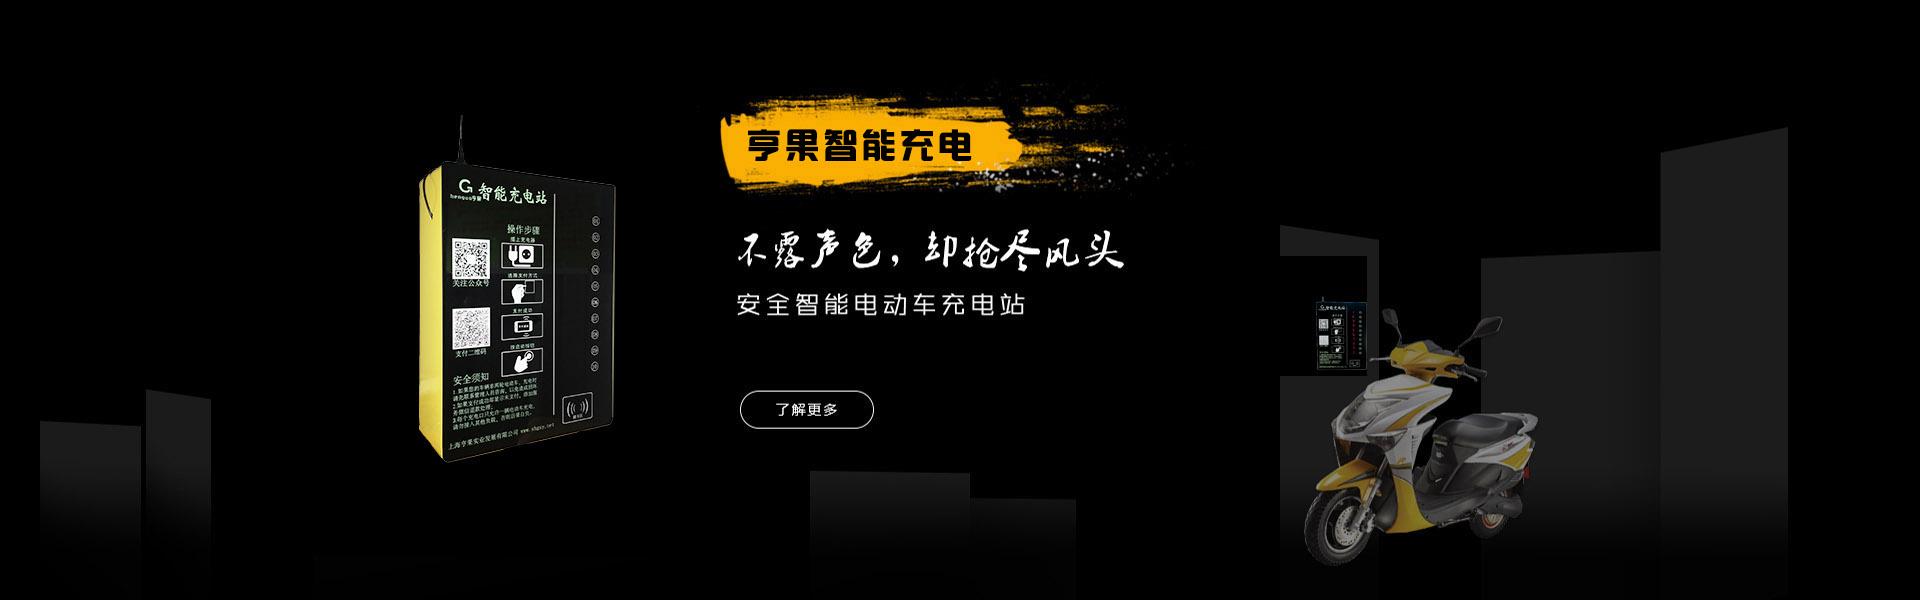 上海亨果实业发展有限公司